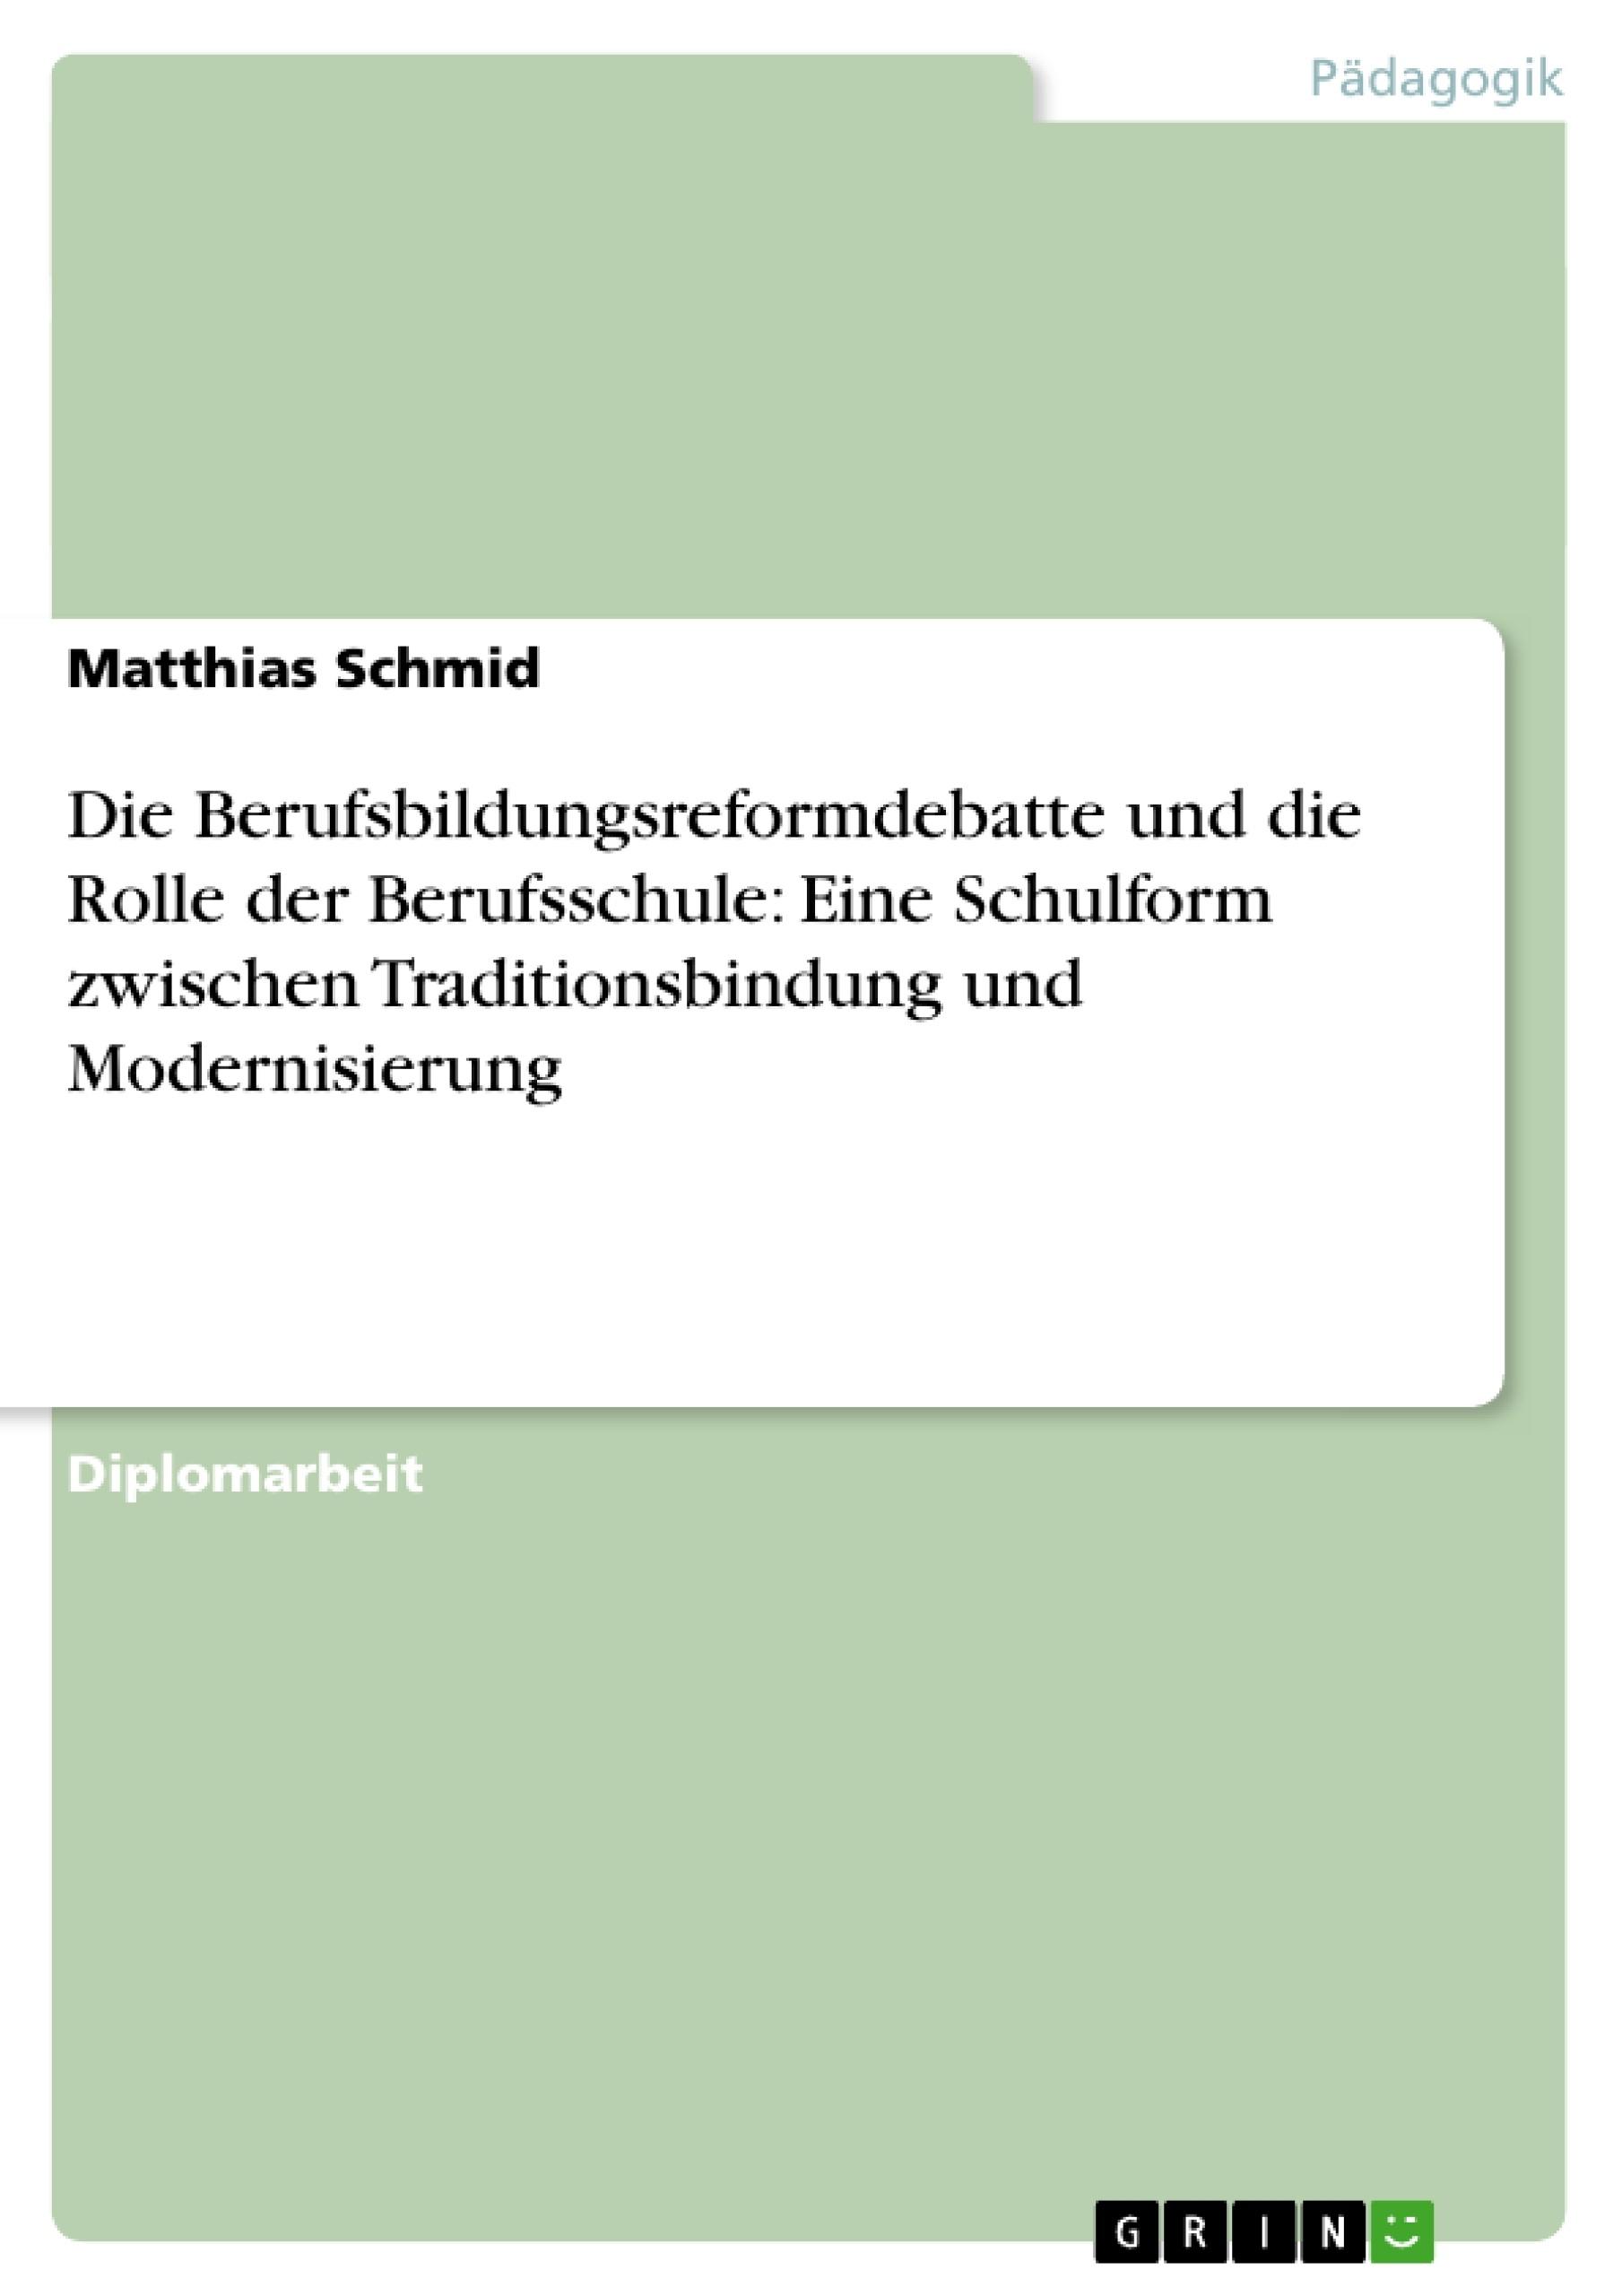 Titel: Die Berufsbildungsreformdebatte und die Rolle der Berufsschule: Eine Schulform zwischen Traditionsbindung und Modernisierung